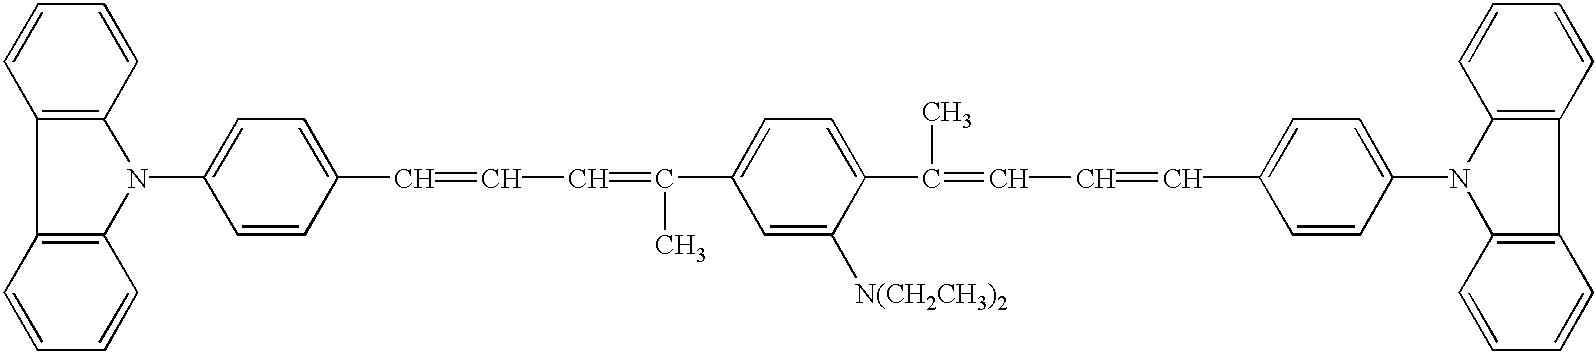 Figure US06861188-20050301-C00129